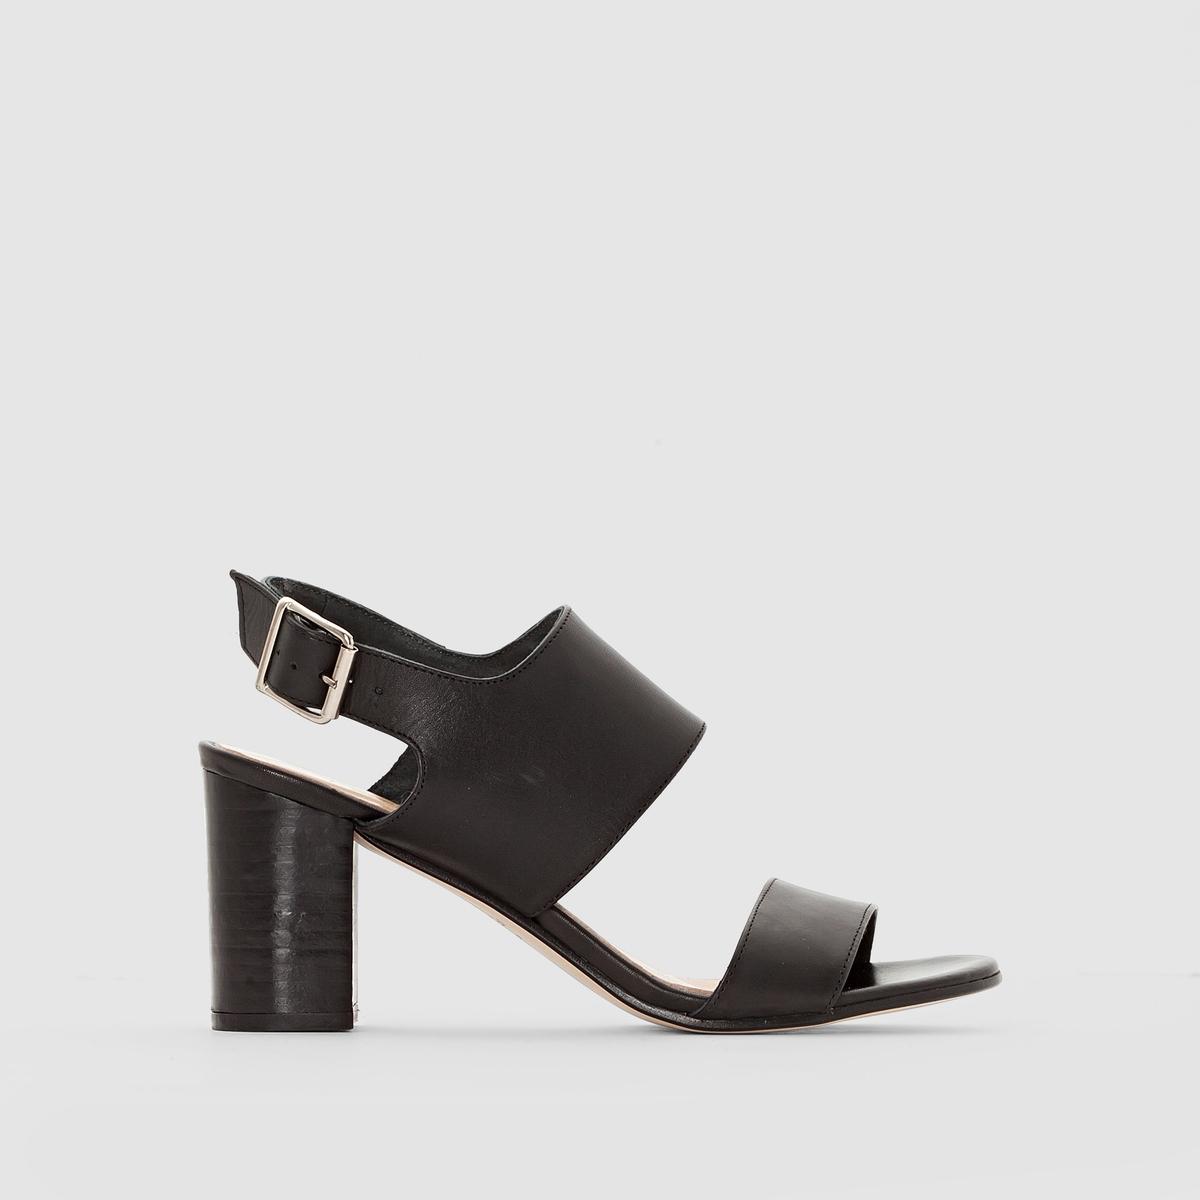 Босоножки из кожи на каблукеБосоножки из кожи на каблуке, Diaz от JONAK        Верх: коровья кожа. Подкладка: кожа.   Стелька: кожа.   Подошва: из эластомера. Застежка: ремешок с пряжкой.Высота каблука: 7 см.  Эти женственные кожаные босоножки покорят вас универсальностью своего дизайна: они одинаково хорошо смотрятся в офисе и на пляже, во время прогулок по городу и веселых вечеринок. Сочетая их с джинсами или летним платьем: вы не перестанете благодарить марку Jonak за эту модель обуви !<br><br>Цвет: коньячный,черный<br>Размер: 36.37.38.39